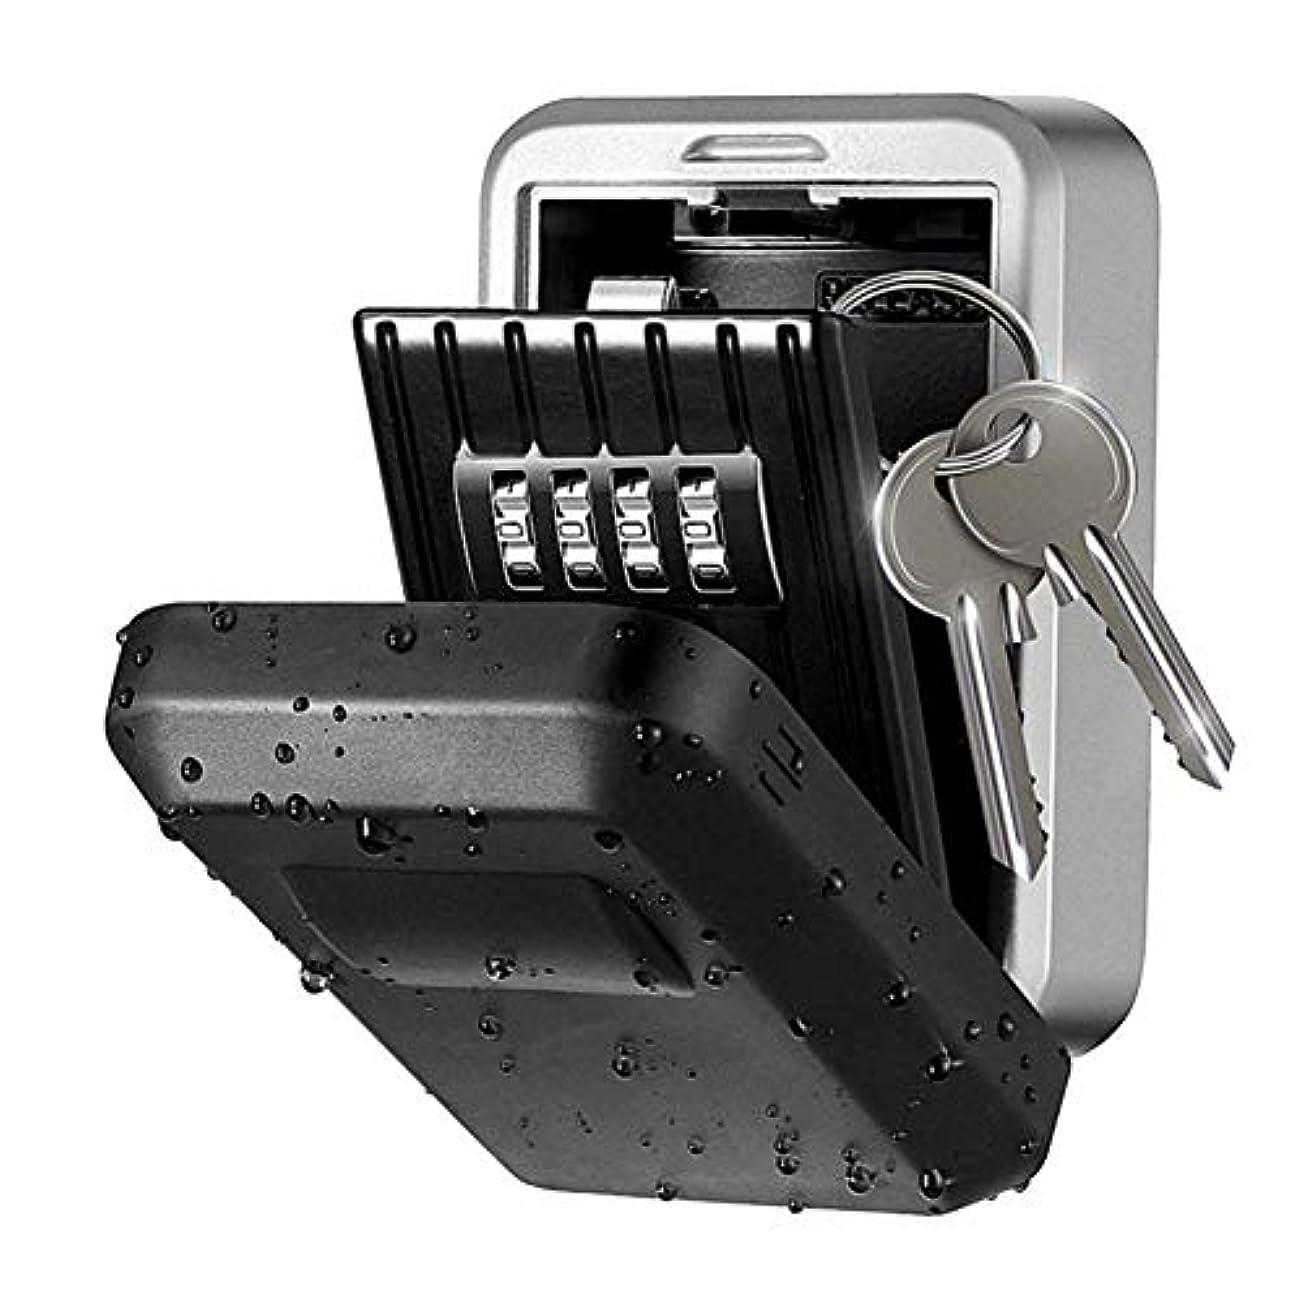 短くするトークンモスキーストレージボックス、ZOZOEウォールマウントキーロックボックス-強力、金属、屋外4桁の組み合わせウォールマウントキー屋内および屋外のホームオフィスでキーを安全に共有するための安全なセキュリティストレージボックス